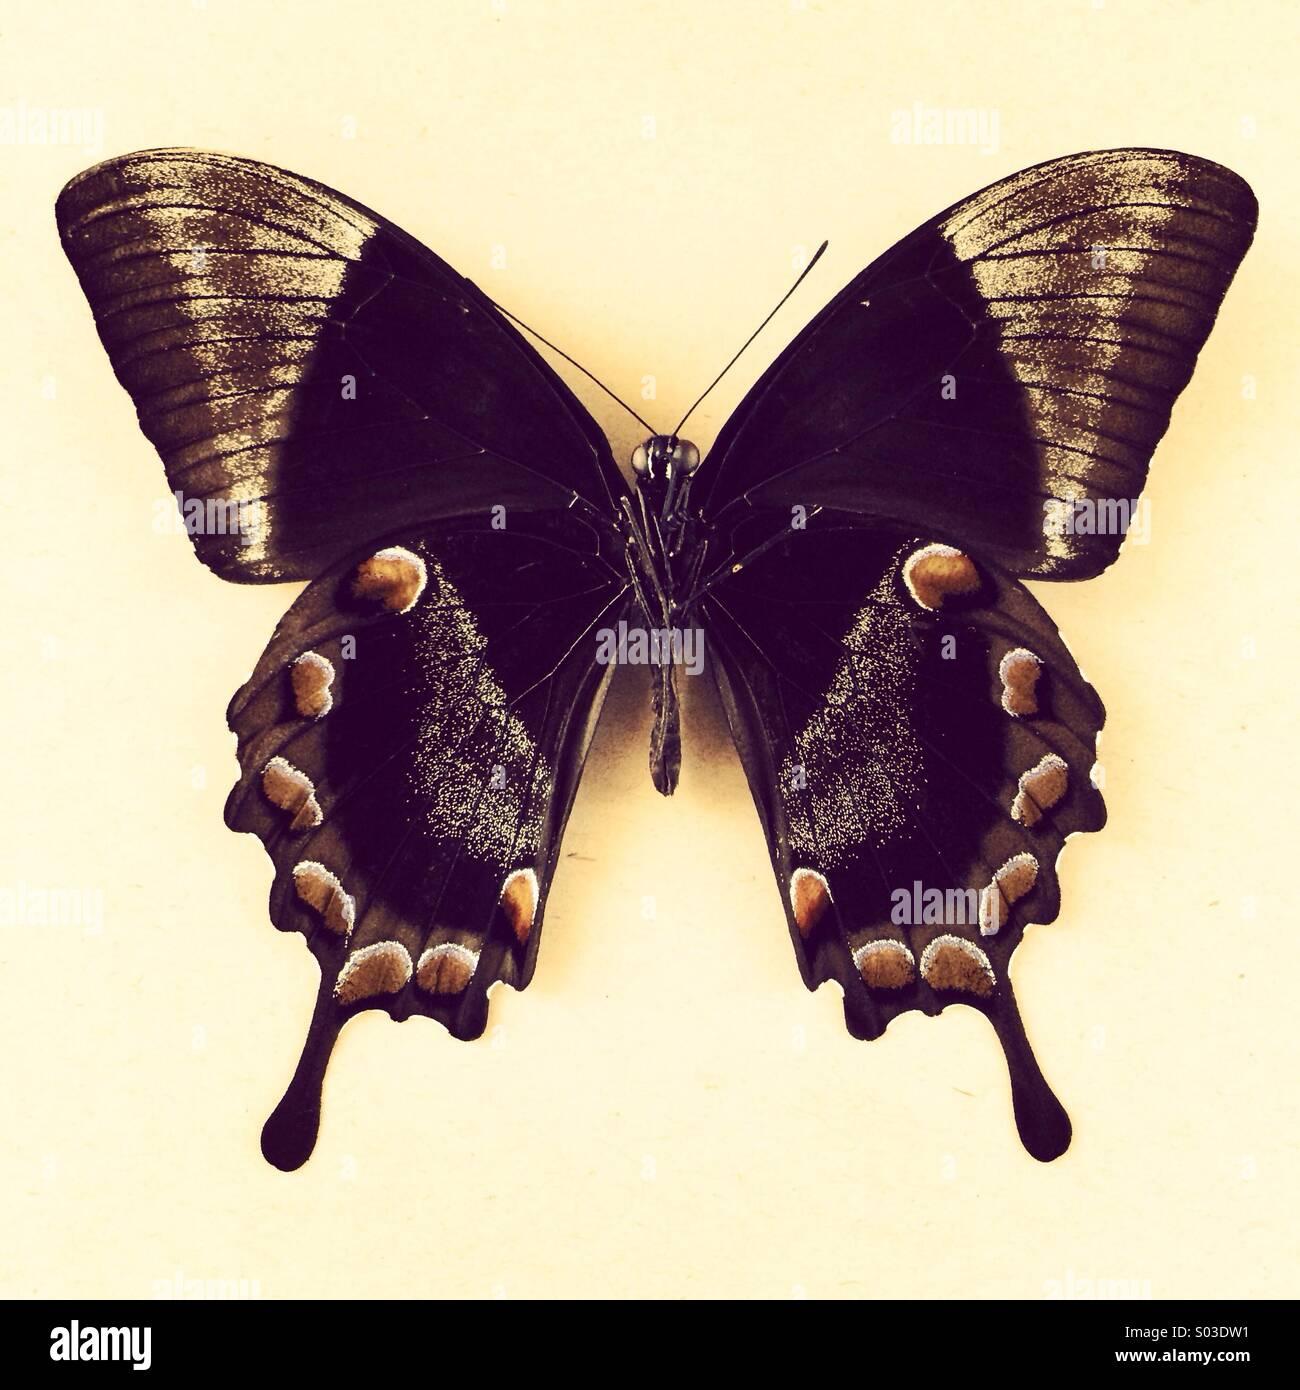 Ulises mariposas reverso Imagen De Stock